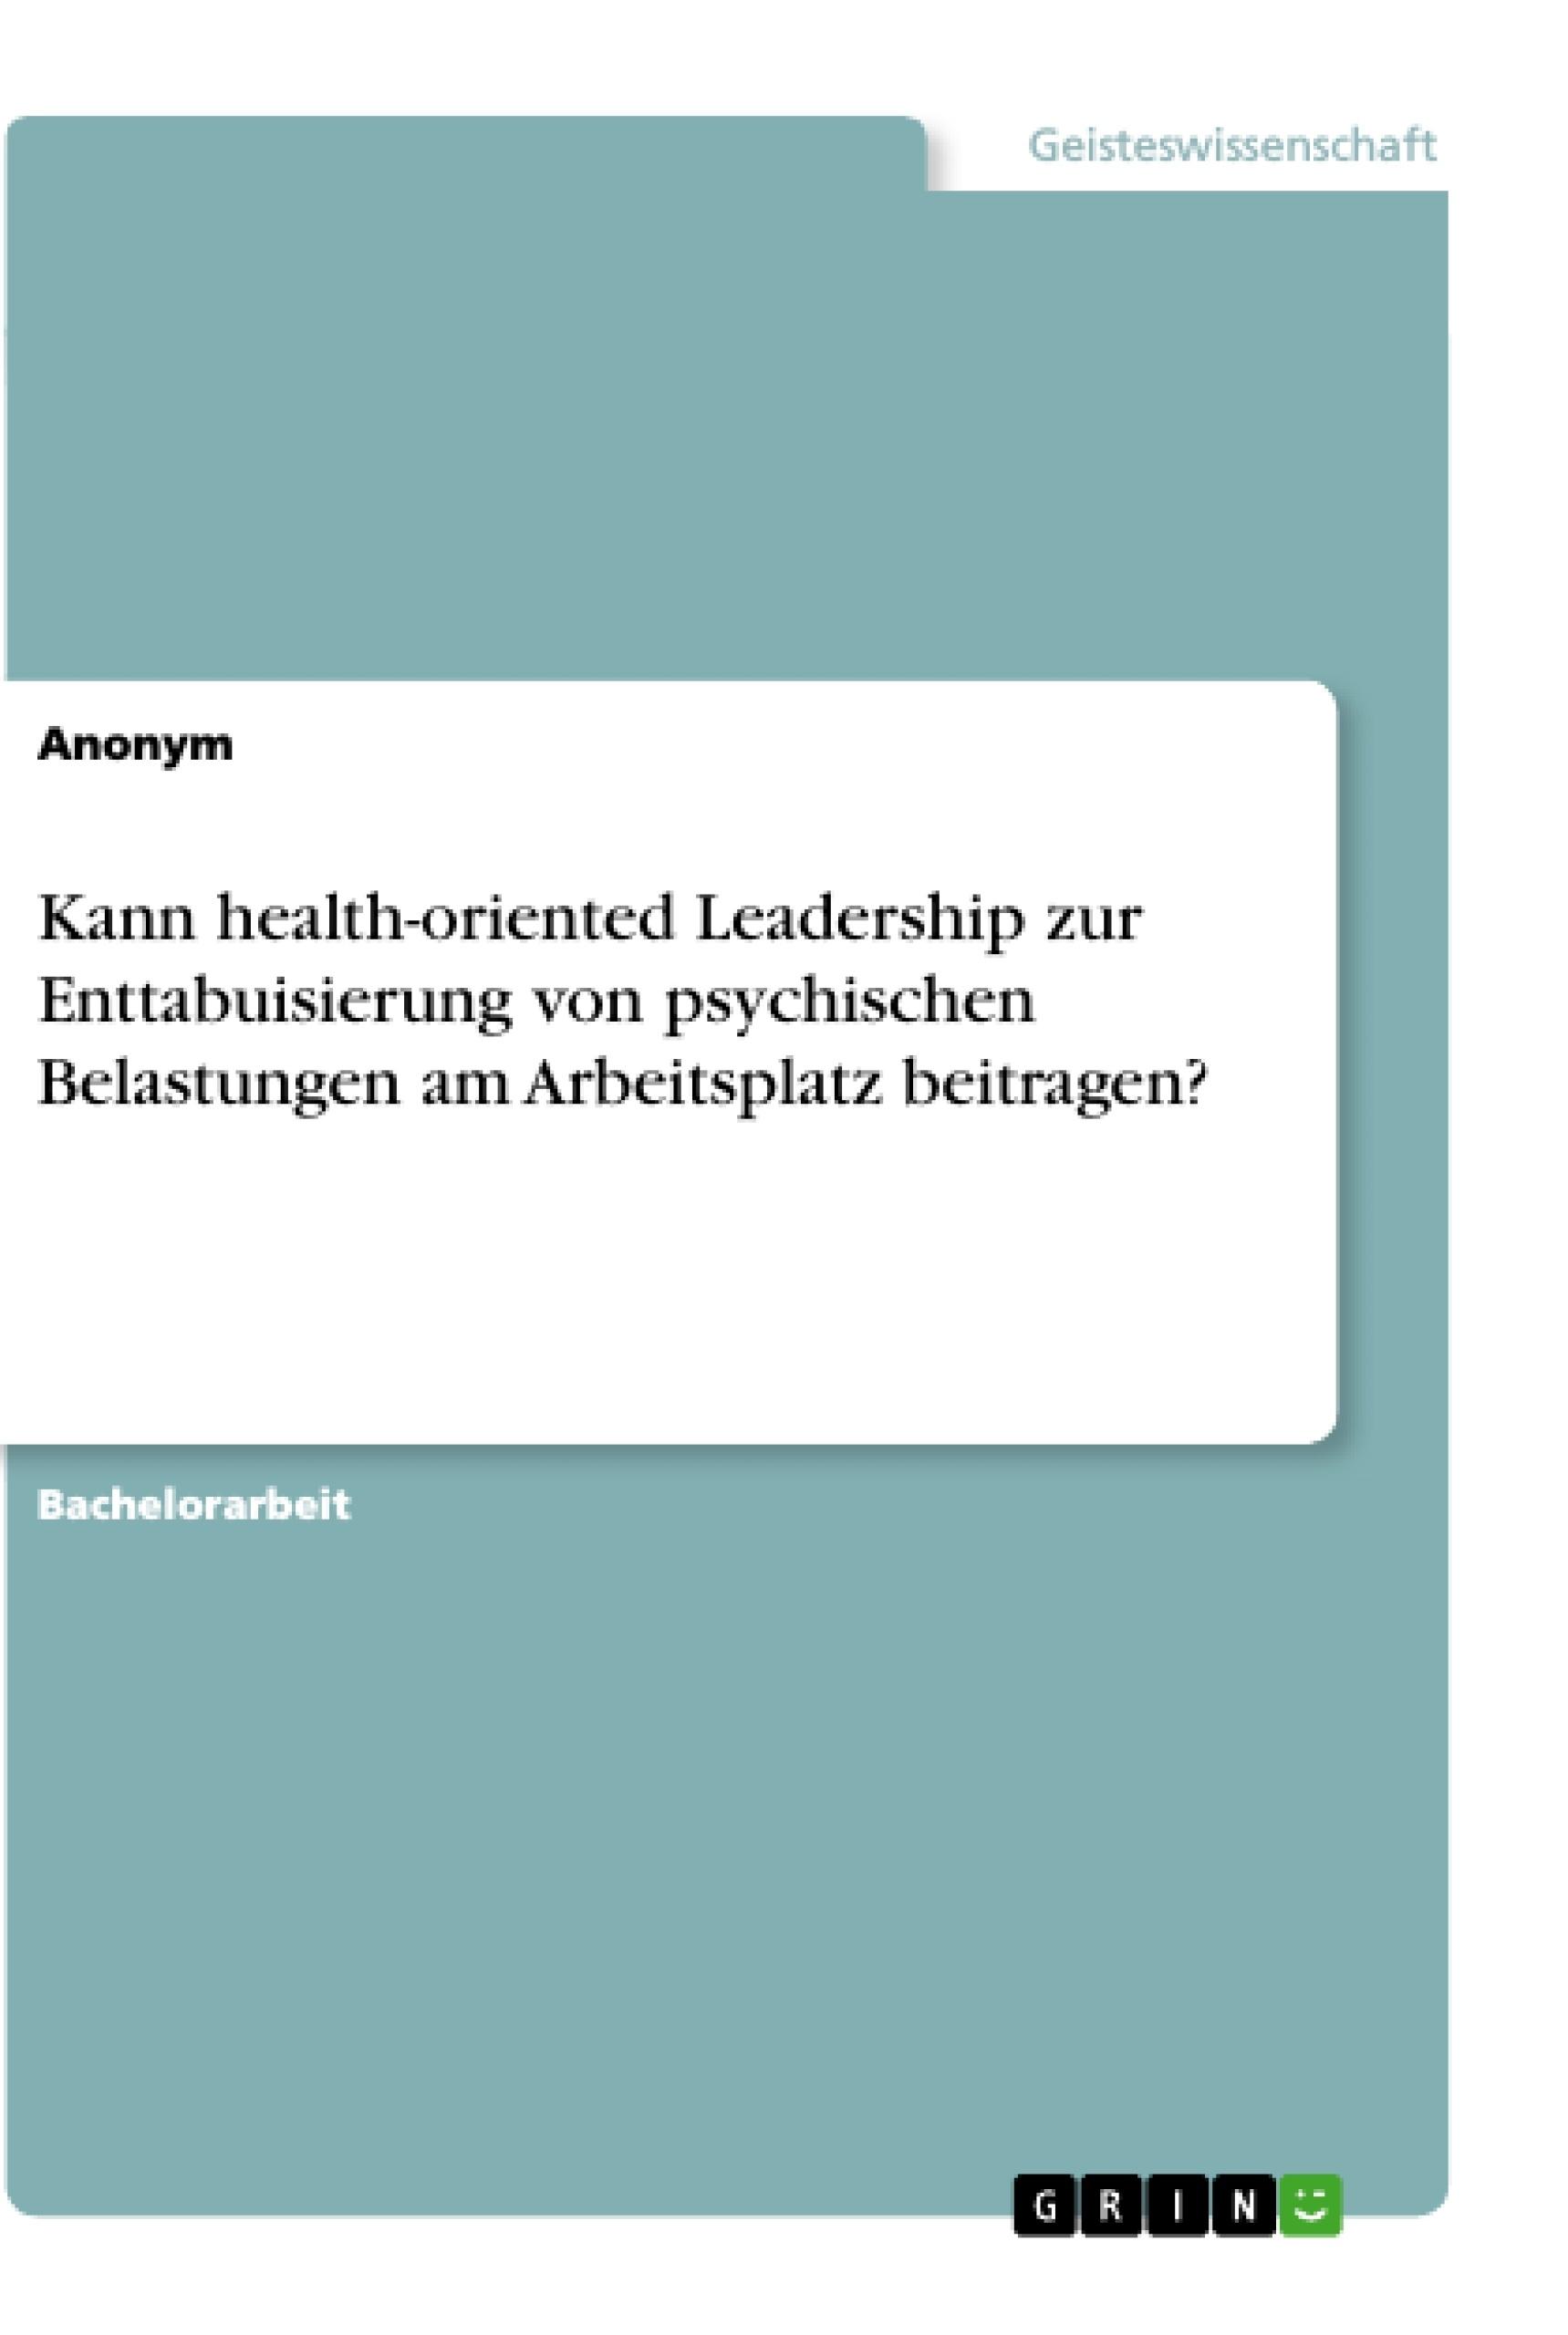 Titel: Kann health-oriented Leadership zur Enttabuisierung von psychischen Belastungen am Arbeitsplatz beitragen?